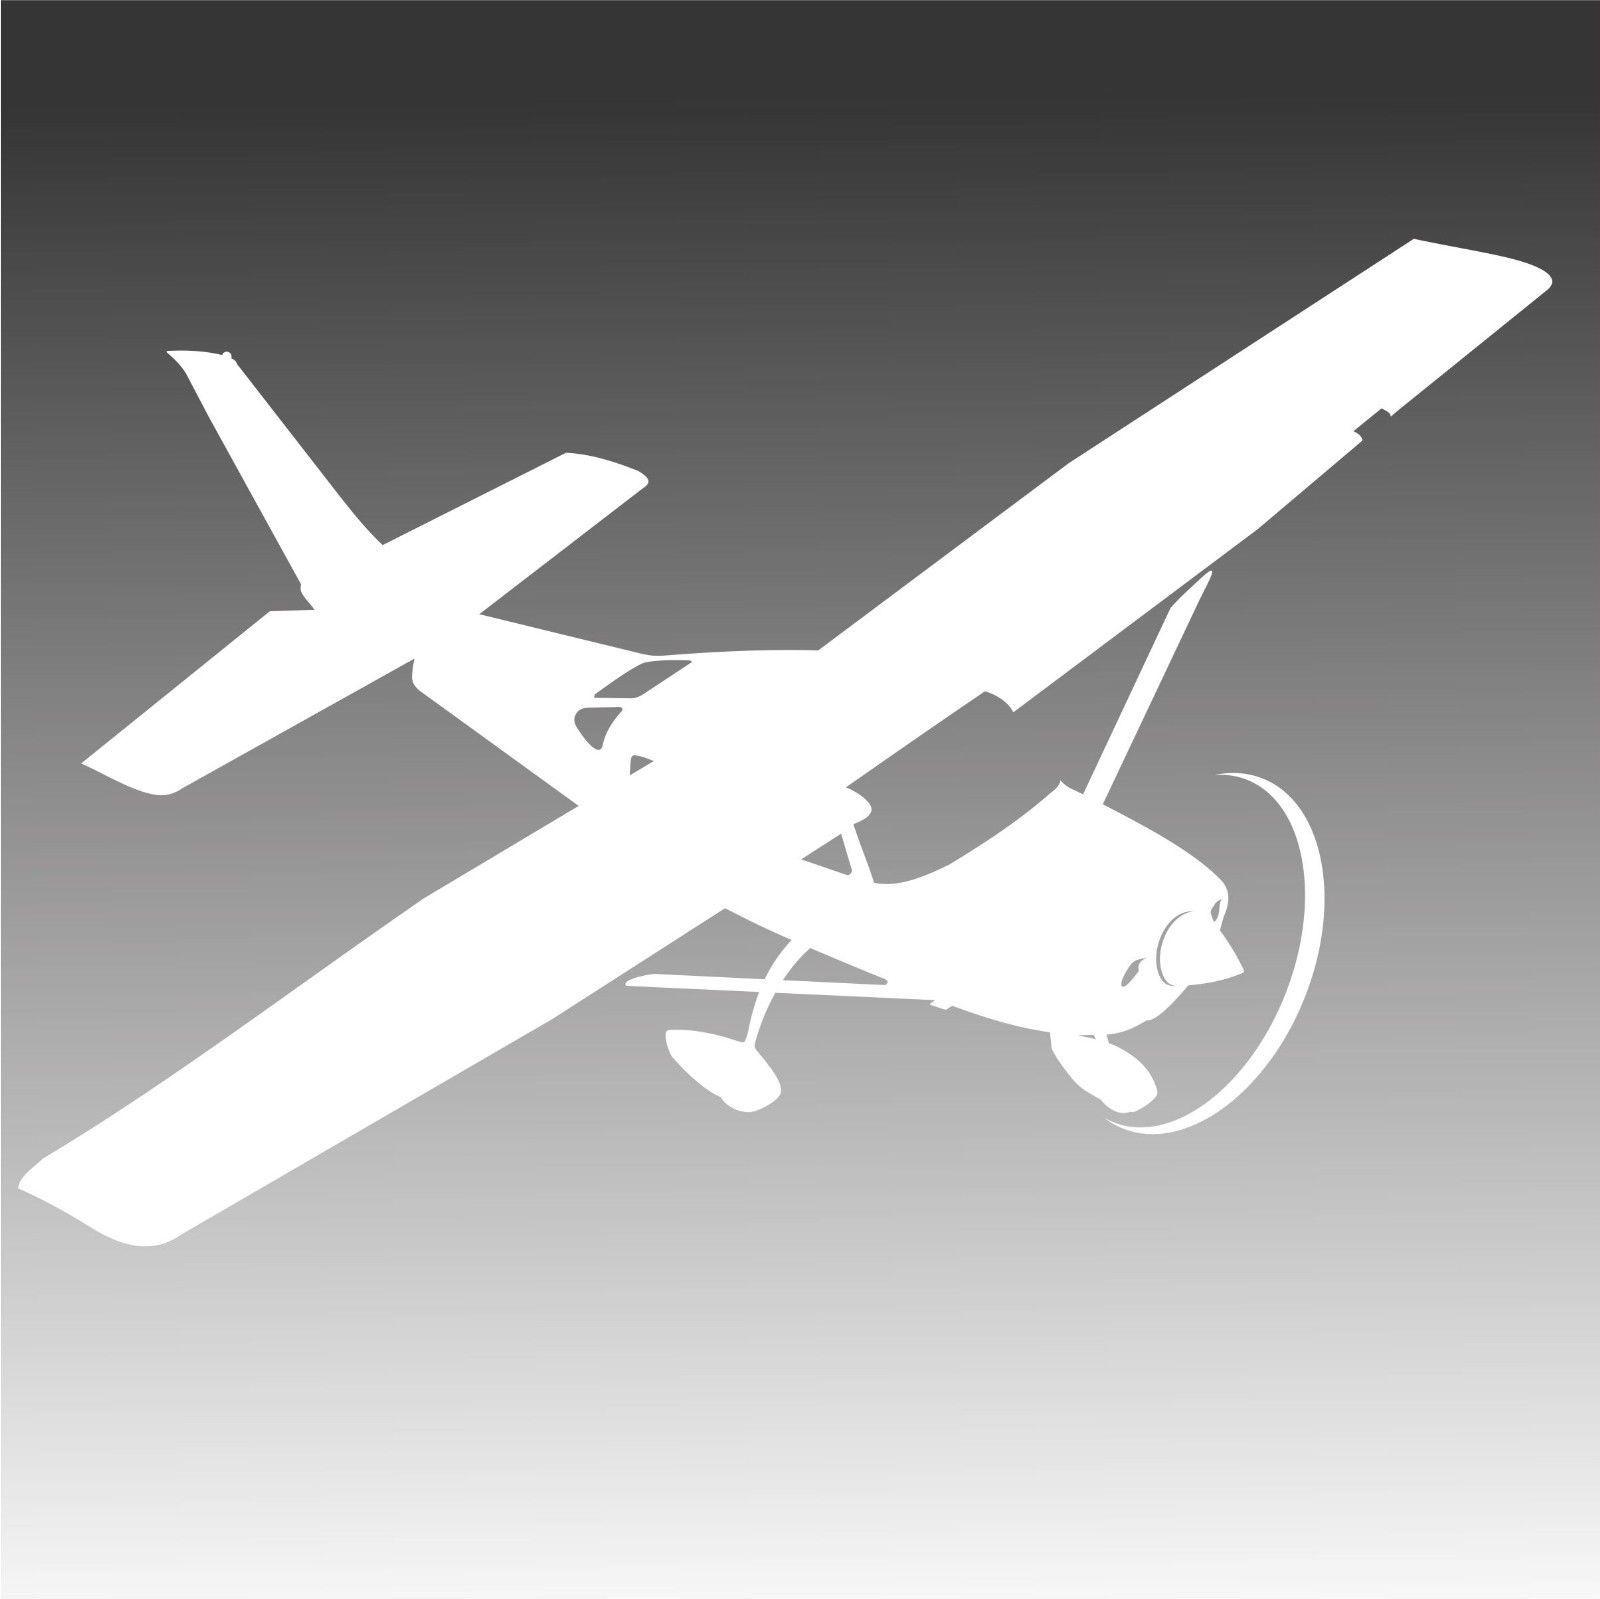 Cessna 150 Decal Emblems